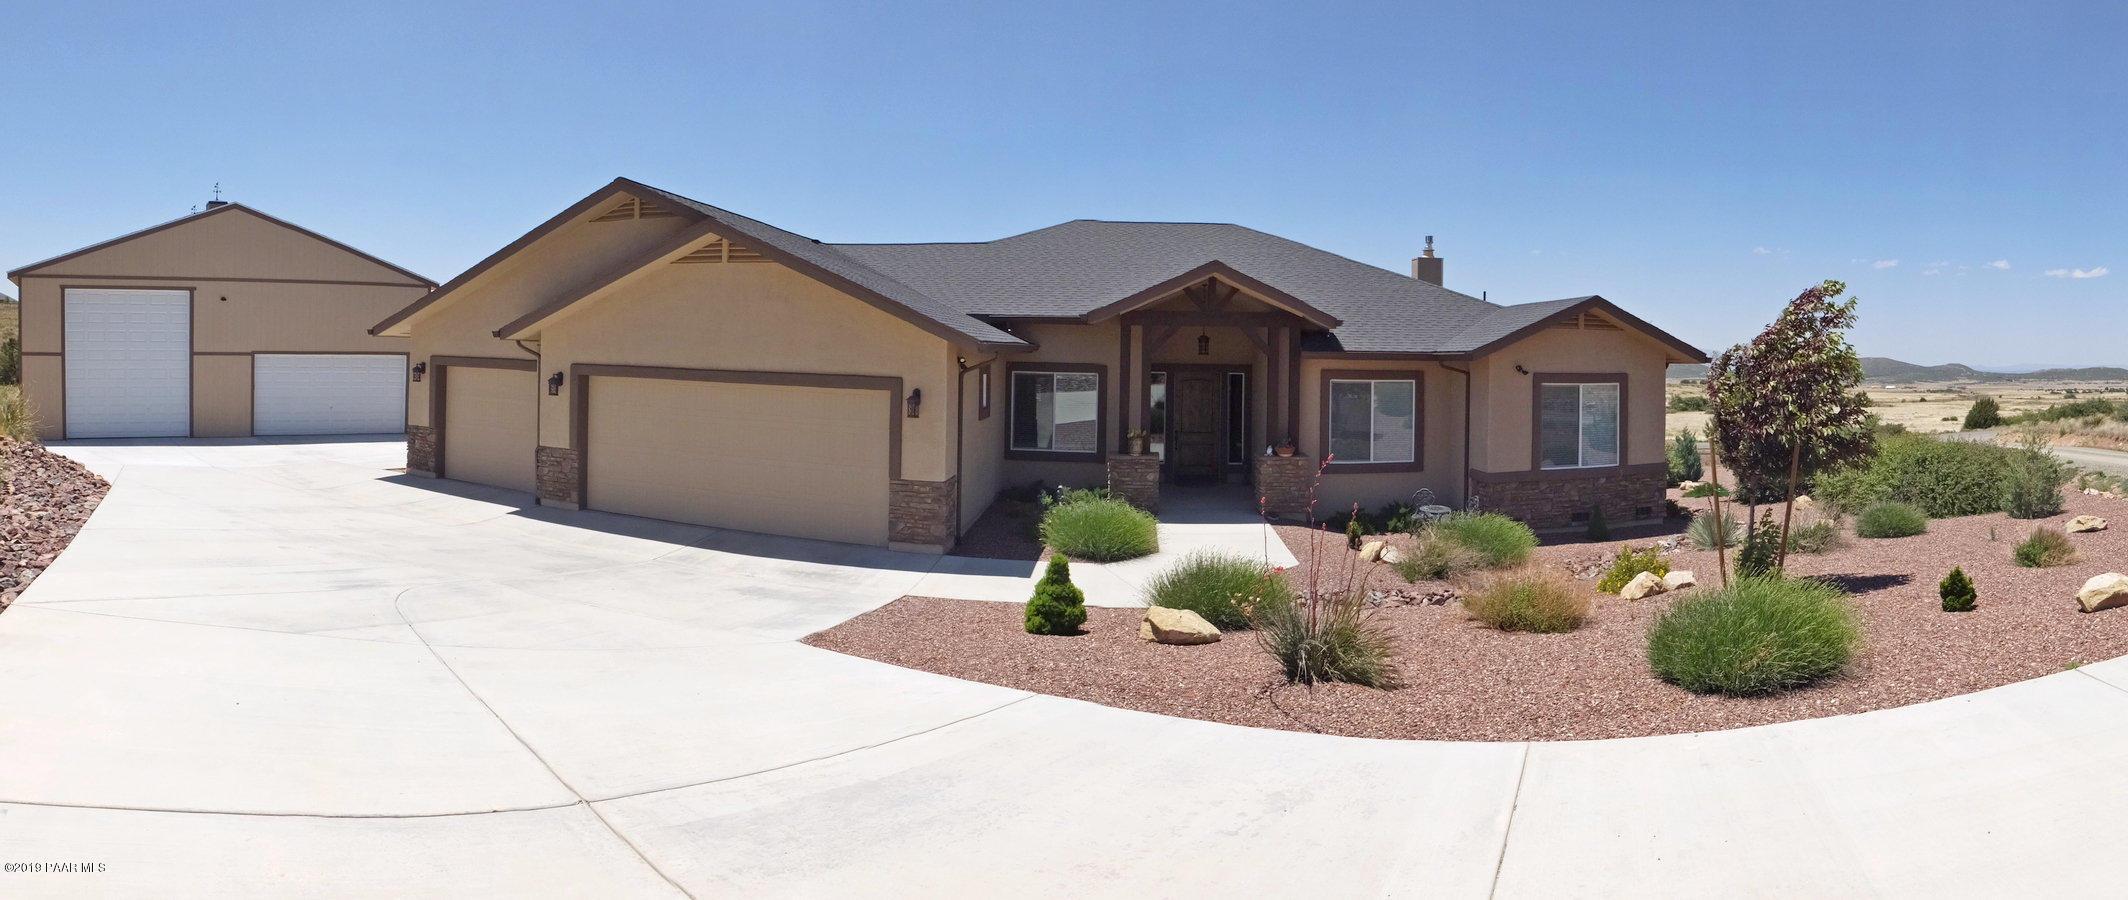 Photo of 14175 Mccann, Prescott Valley, AZ 86315